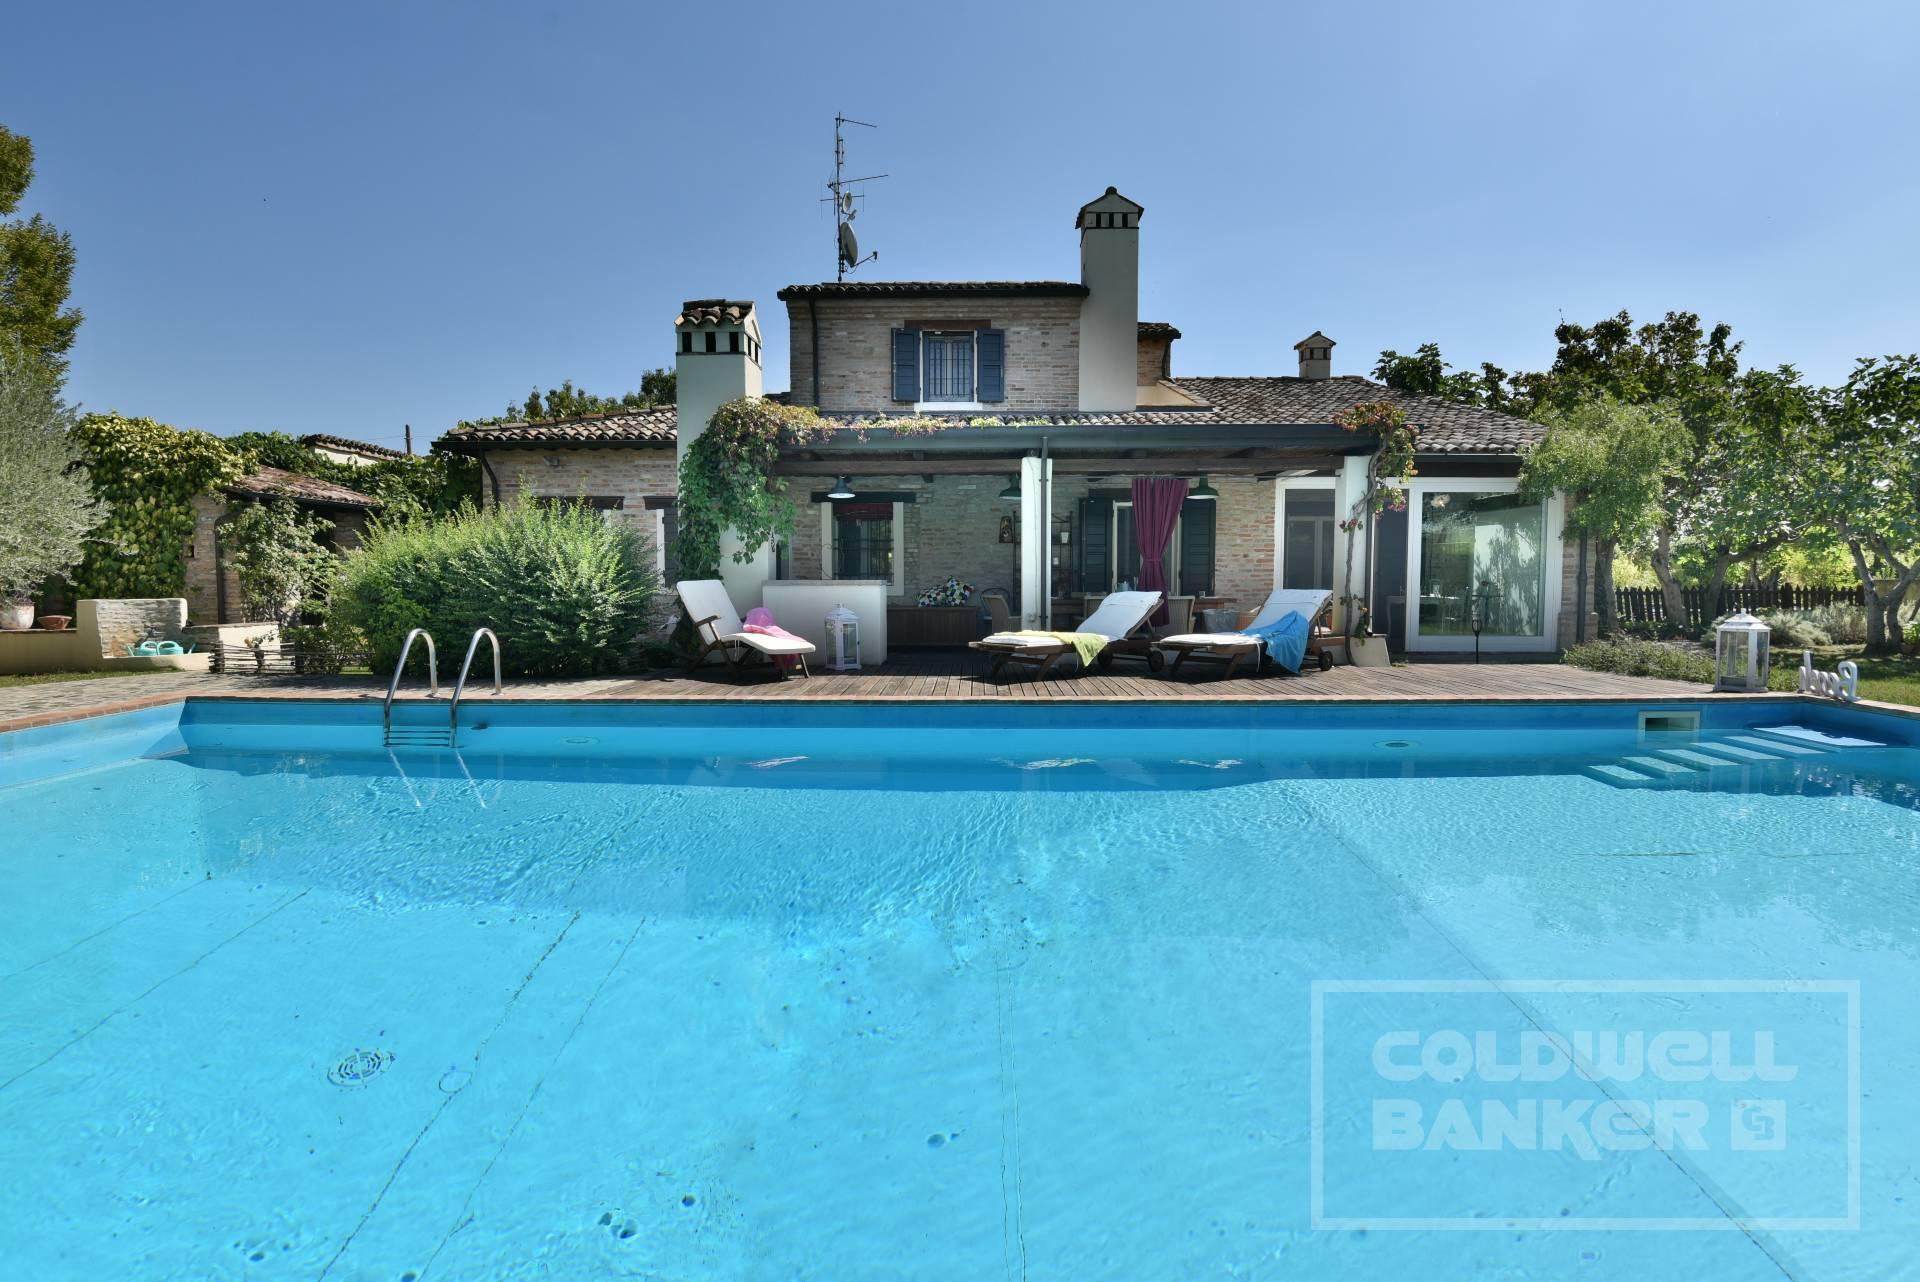 Villa in vendita a Bertinoro, 6 locali, zona Località: S.aMariaNuova, prezzo € 890.000 | CambioCasa.it